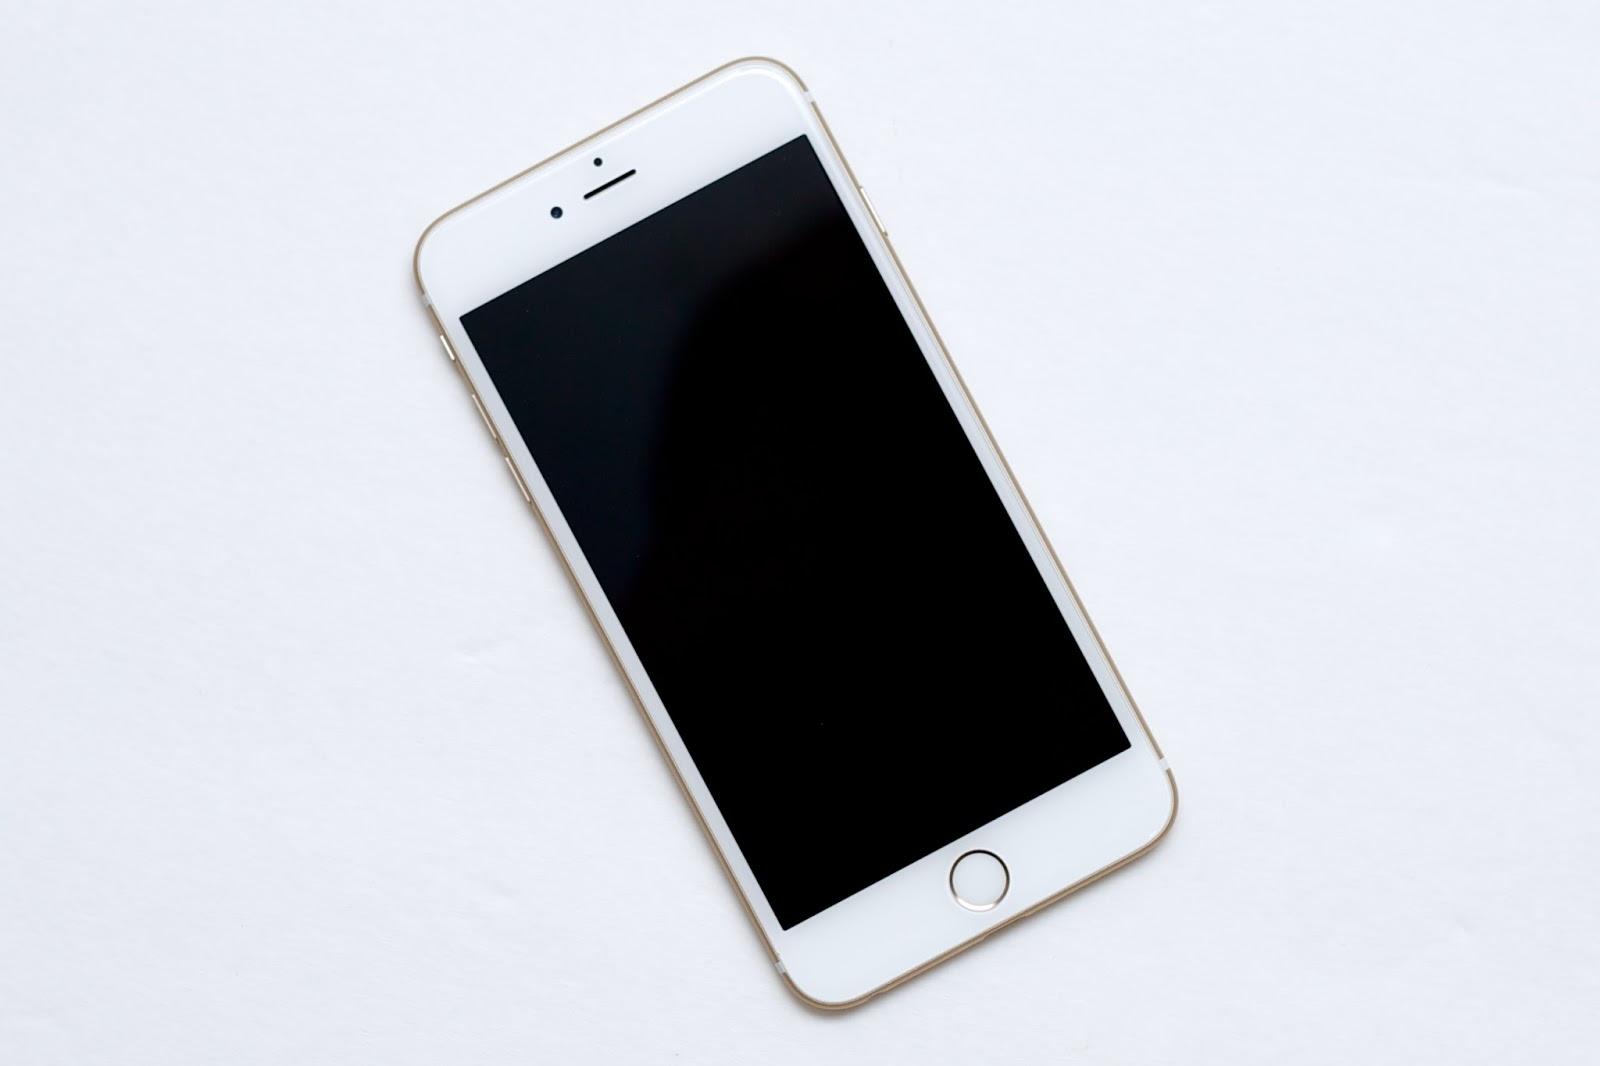 اسعار هاتف ايفون ابل في ﻣﺼﺮ 2020 محدثا شهريا عالم الهواتف الذكية